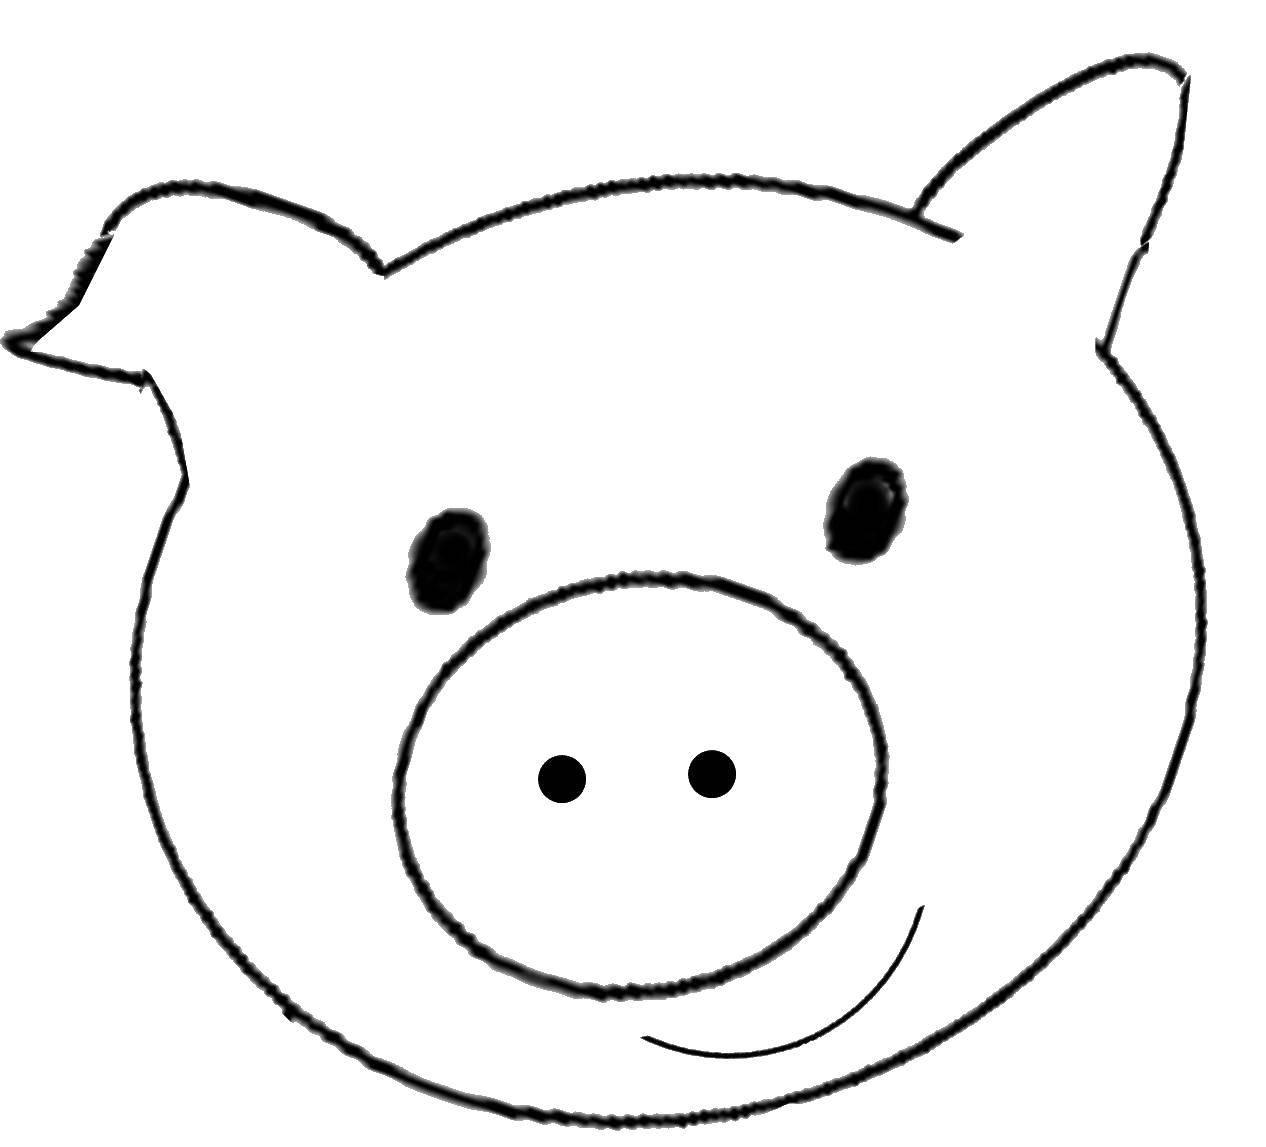 Раскраски Контур свиньи для вырезания, Раскраски на праздники.